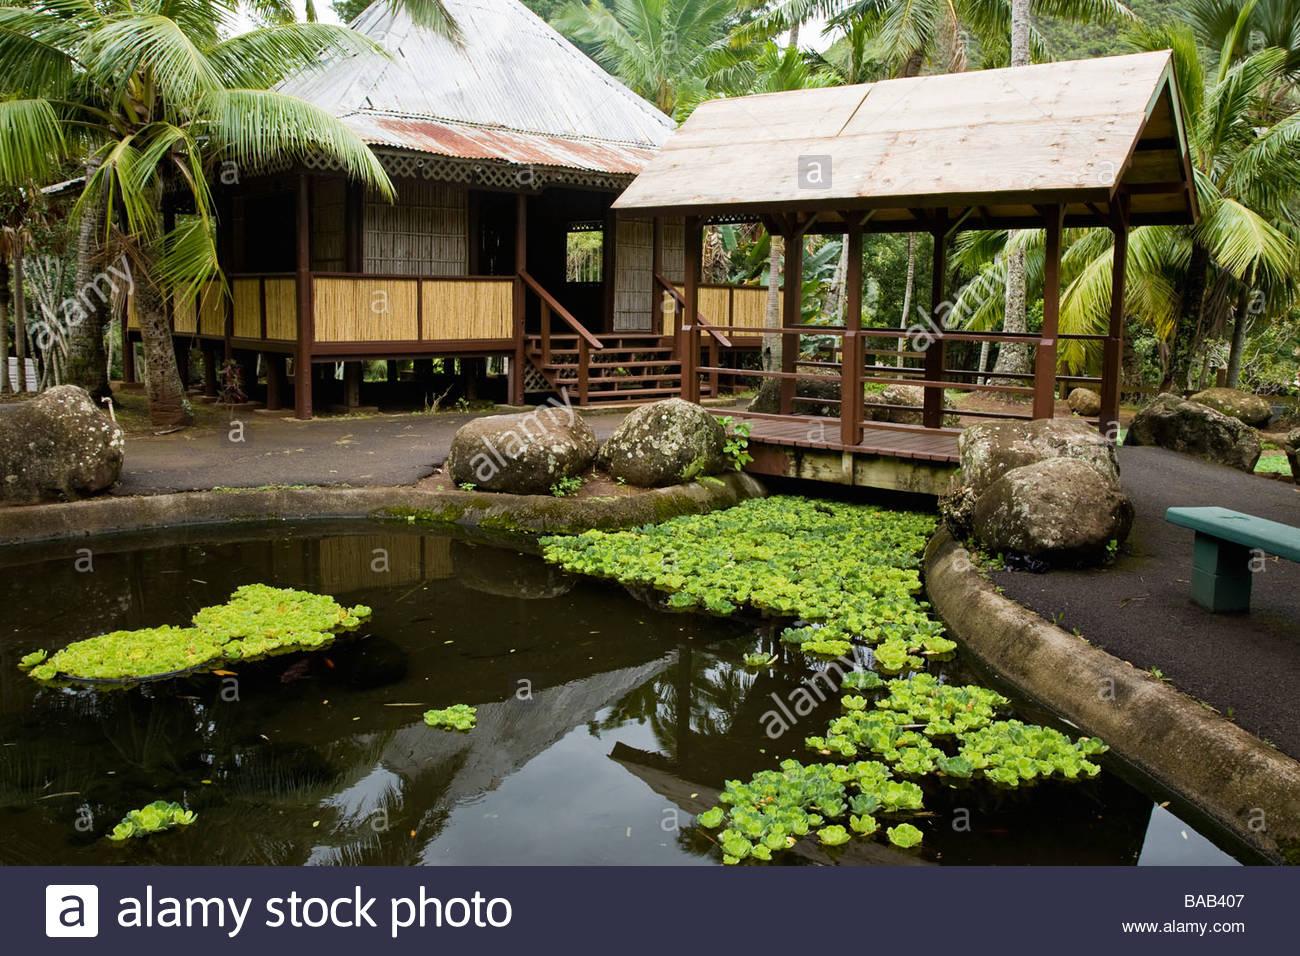 Kepaniwai Heritage Gardens Stock Photos & Kepaniwai Heritage Gardens ...